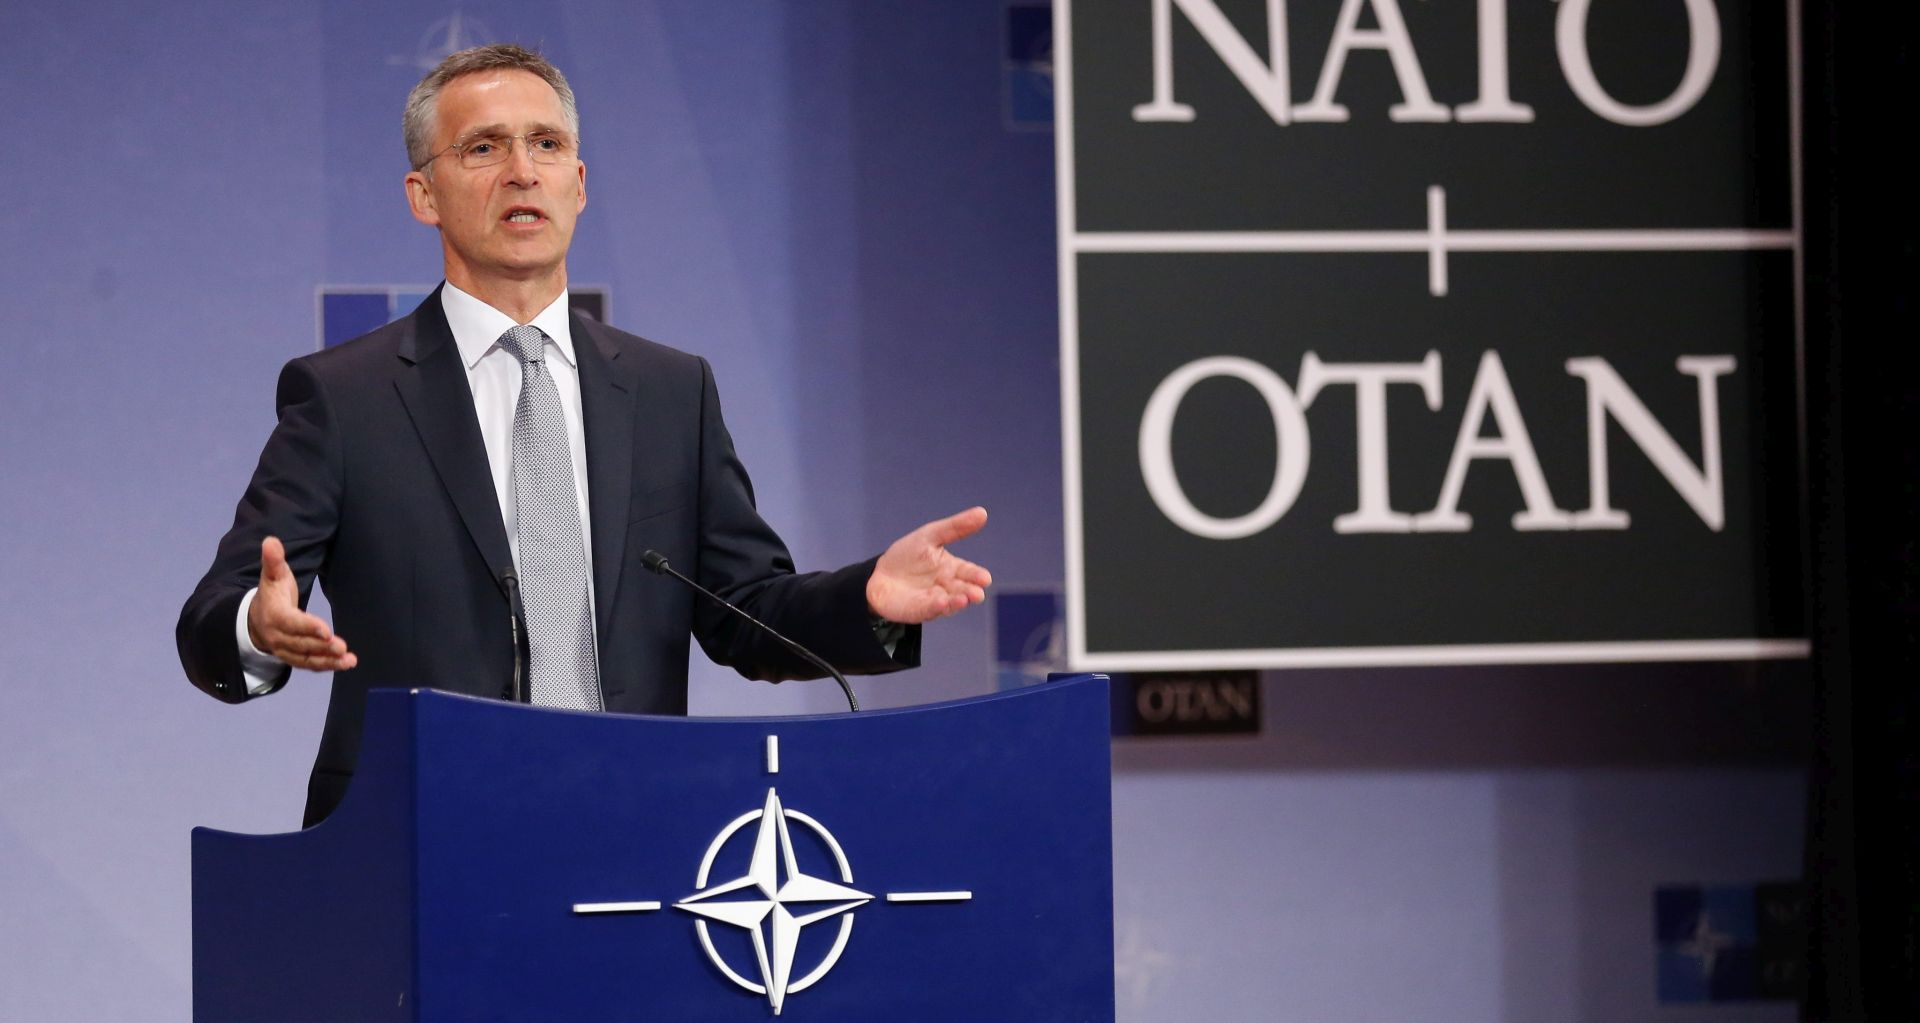 Švedski parlament ratificirao sporazum s NATO-om u jeku napetosti s Rusijom